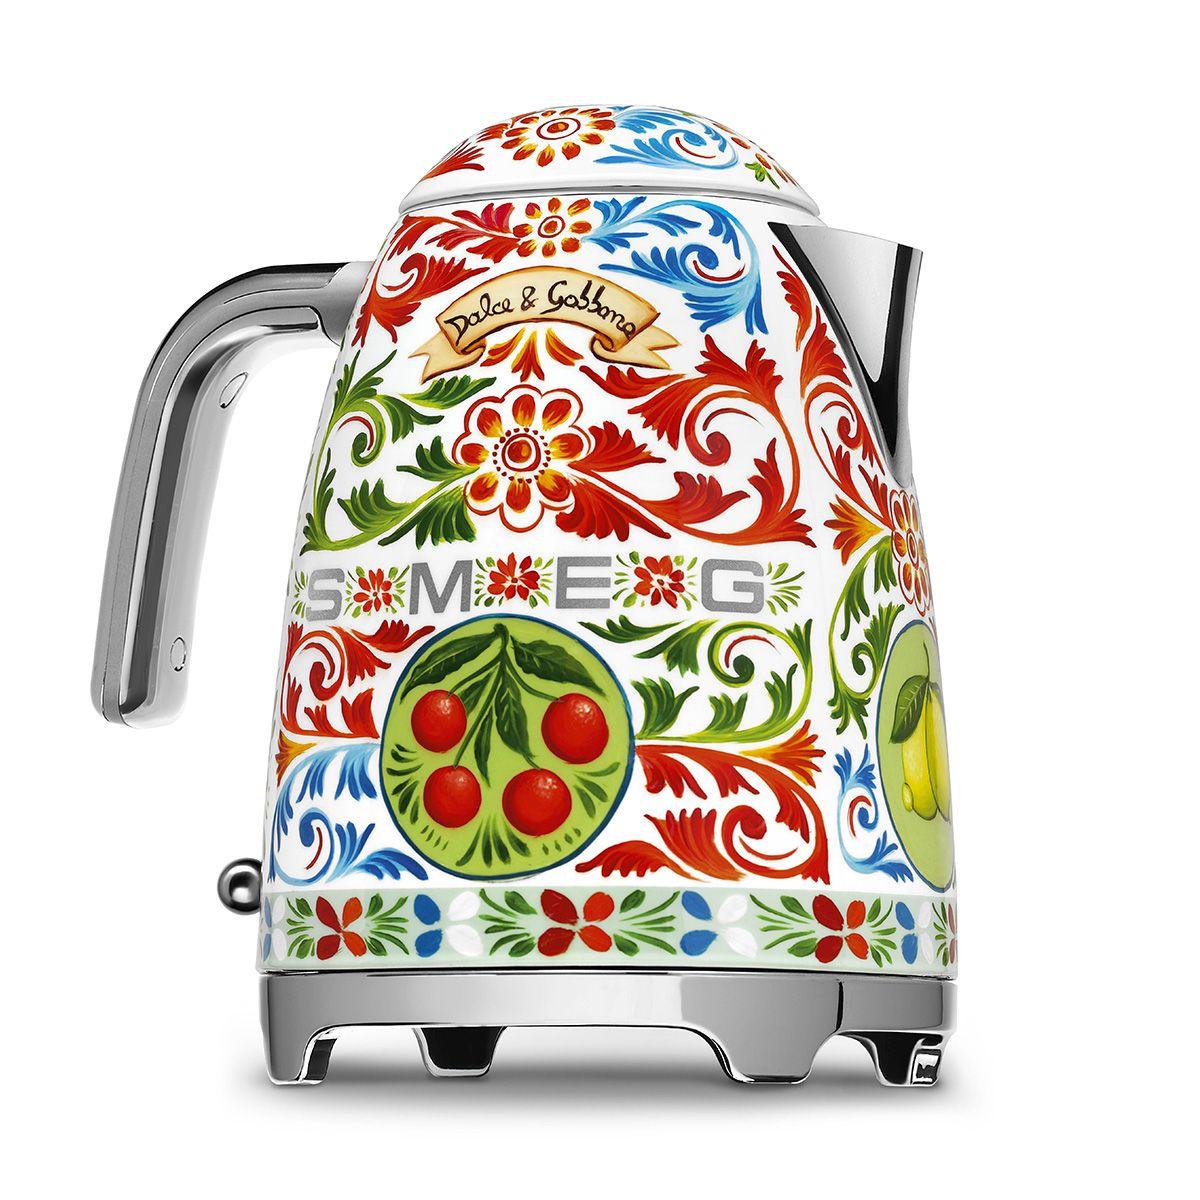 Smeg Klf03dgeu Dolce Gabbana Wasserkocher Online Kaufen